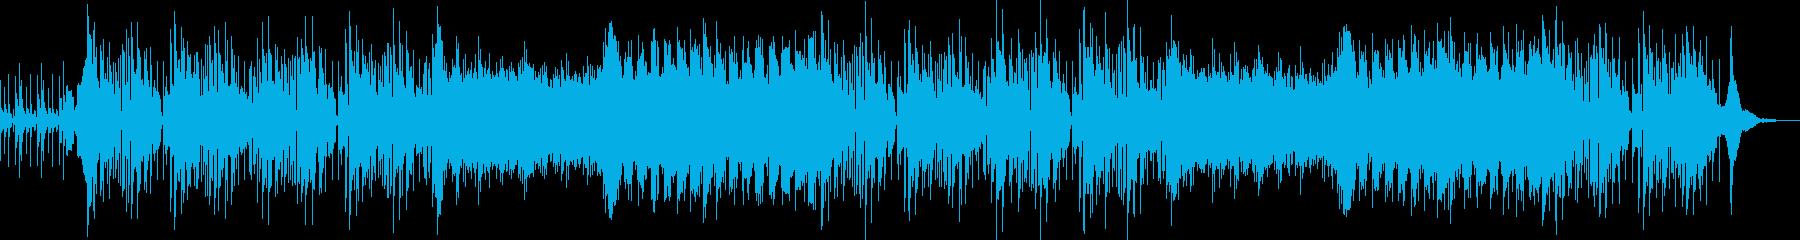 ラテン エレクトロ 不思議 変拍子 CMの再生済みの波形